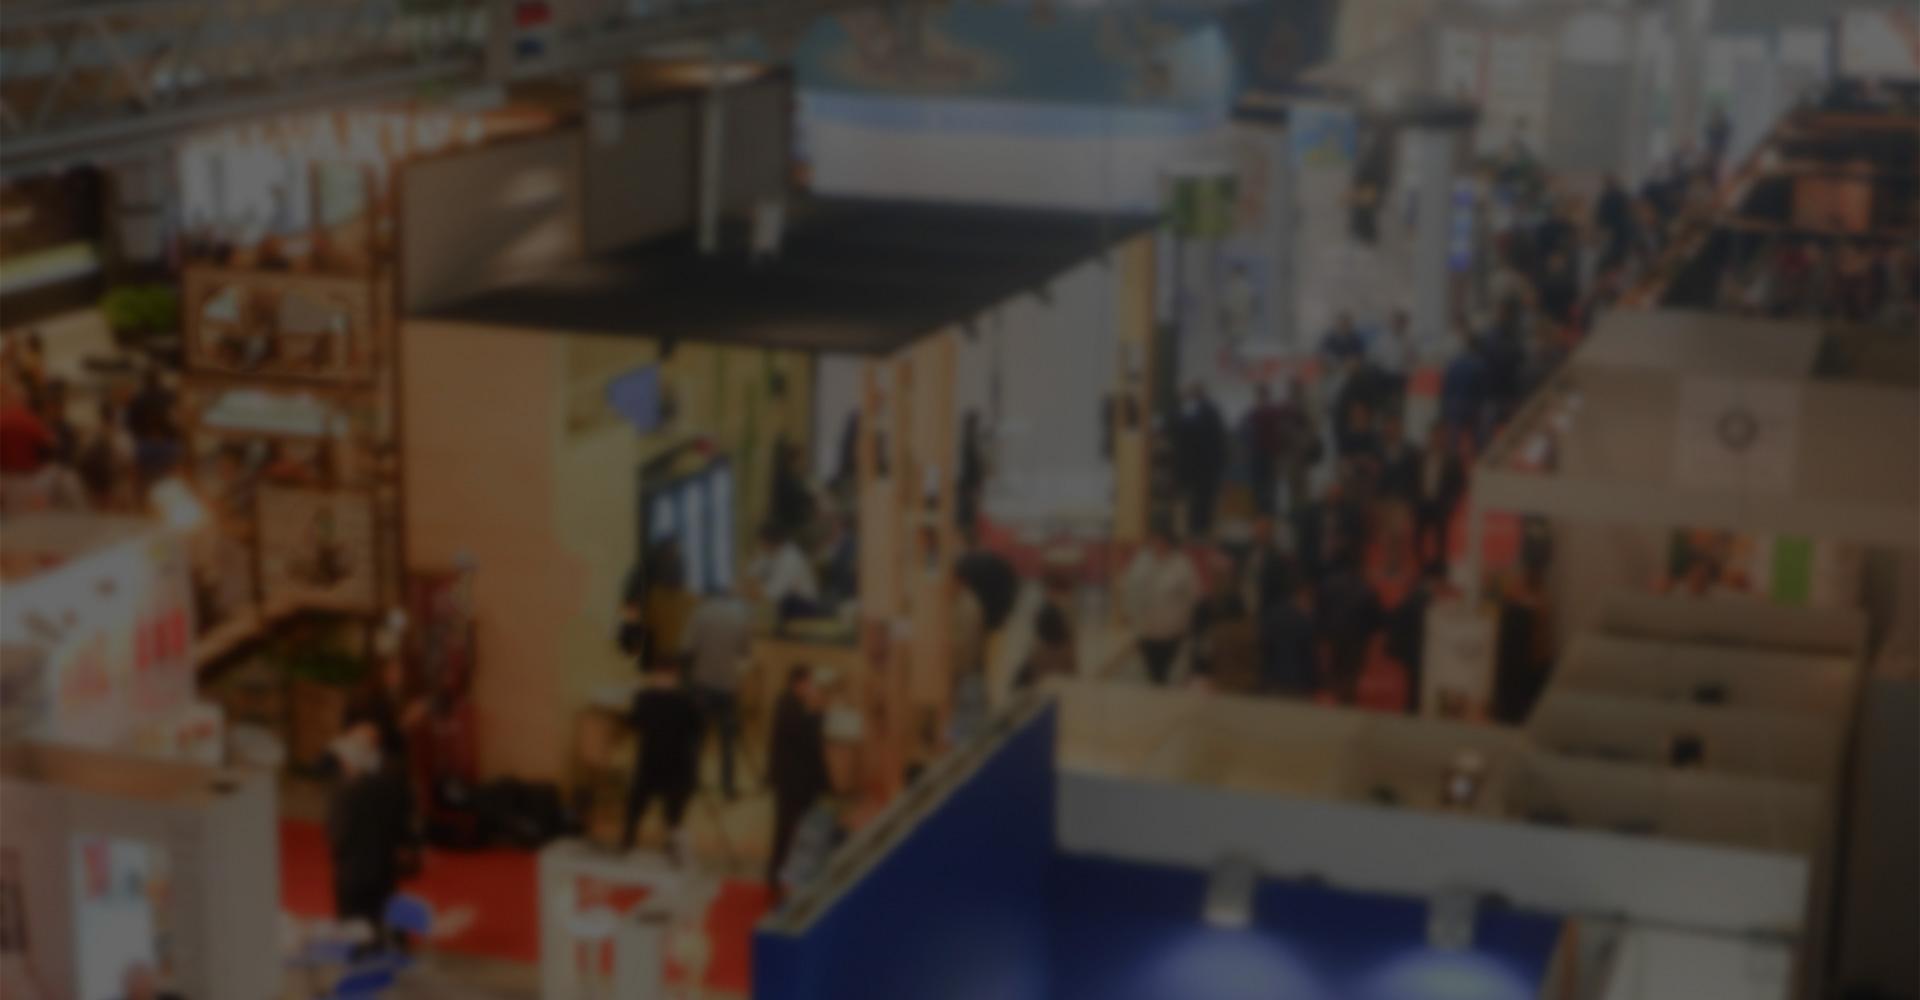 Образовательная программа по политологии PolitIQ на выставке Образование и карьера в Москве